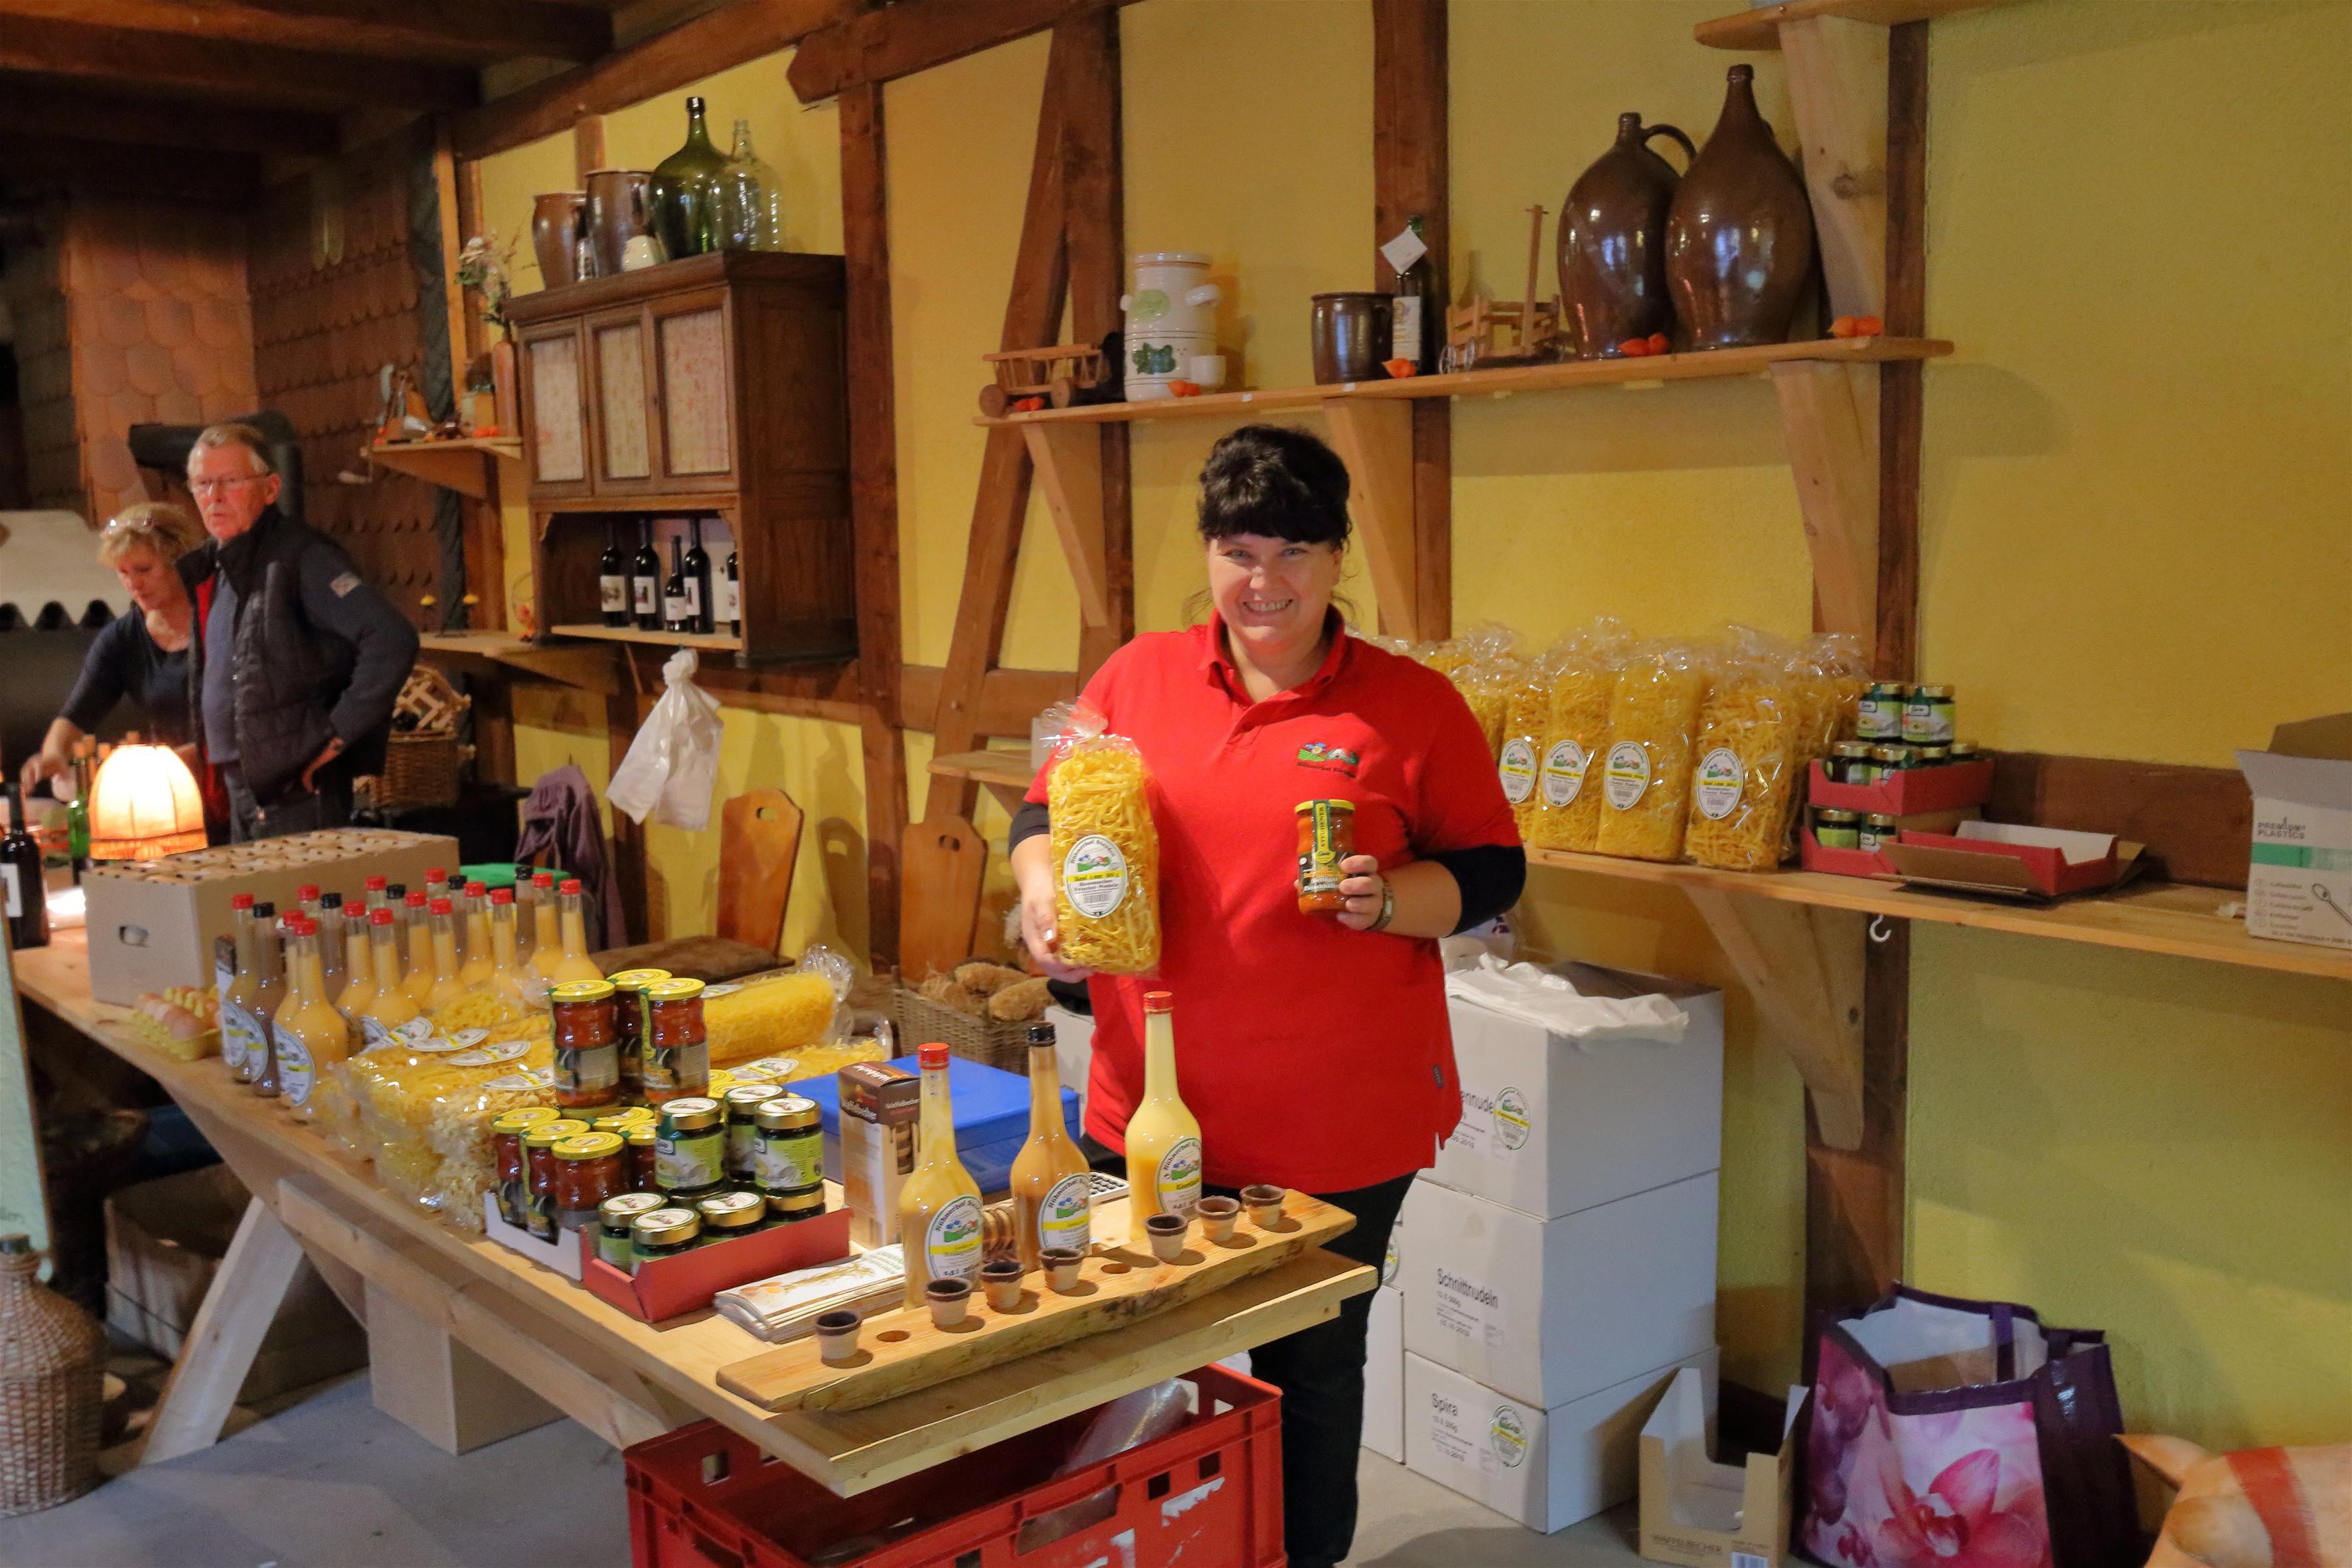 Auch Produkte des Hühnerhofs Steuden werden angeboten.